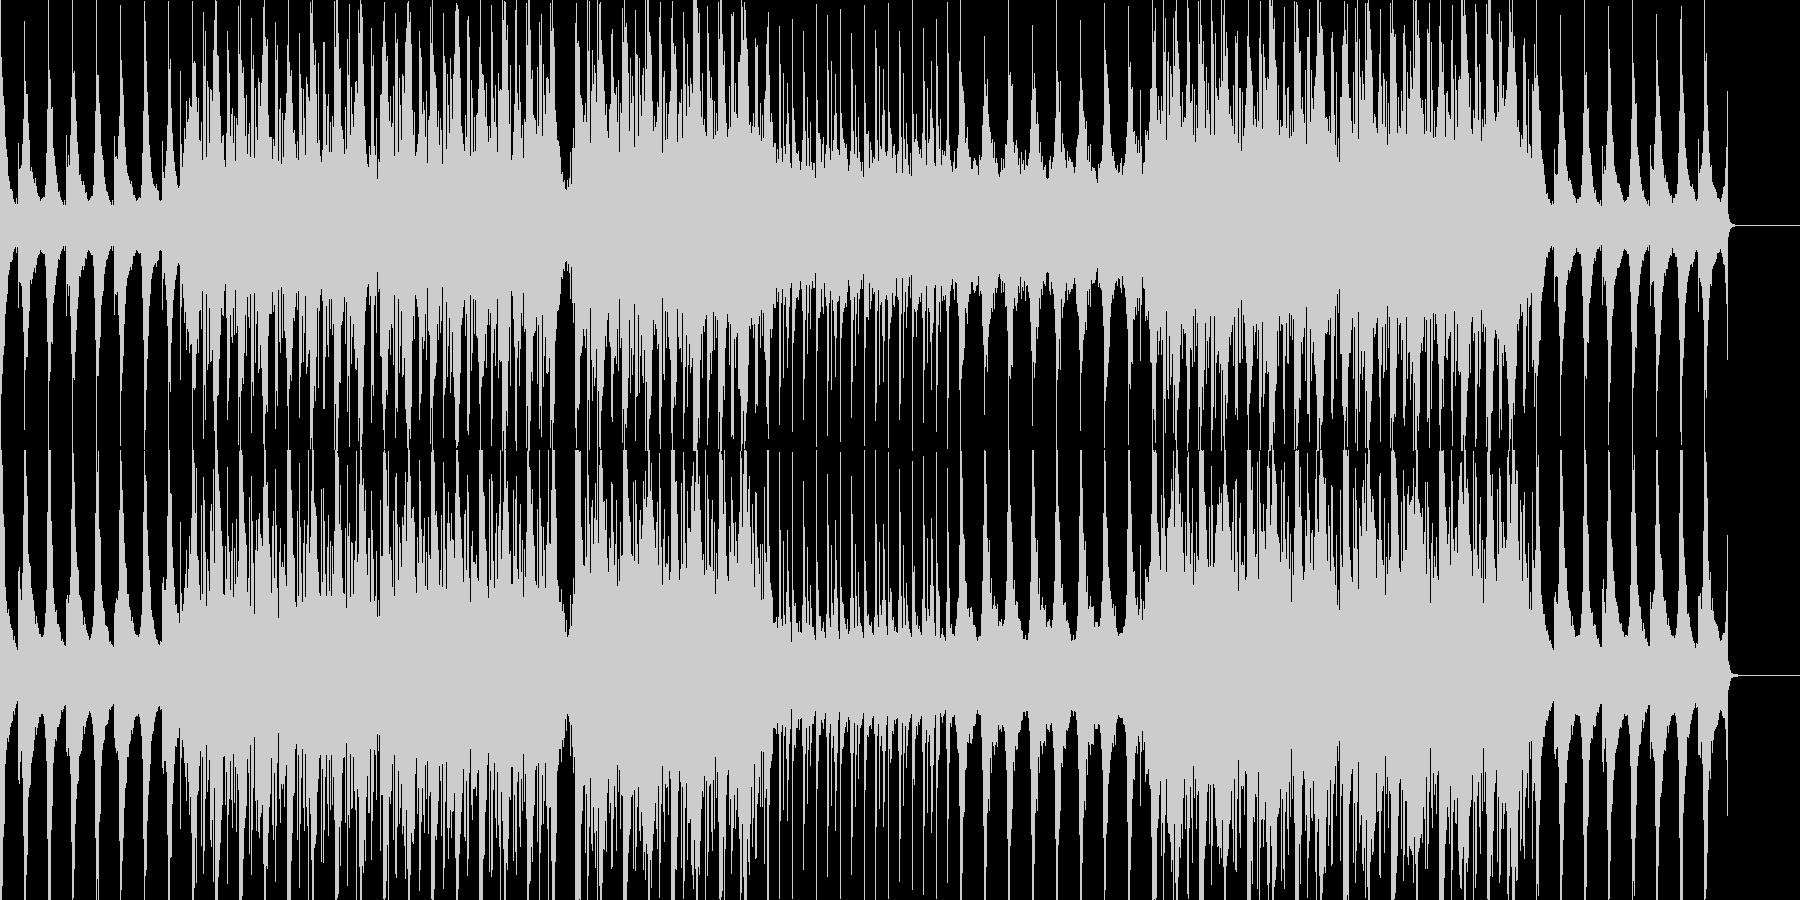 不思議な雰囲気が特徴の曲ですの未再生の波形